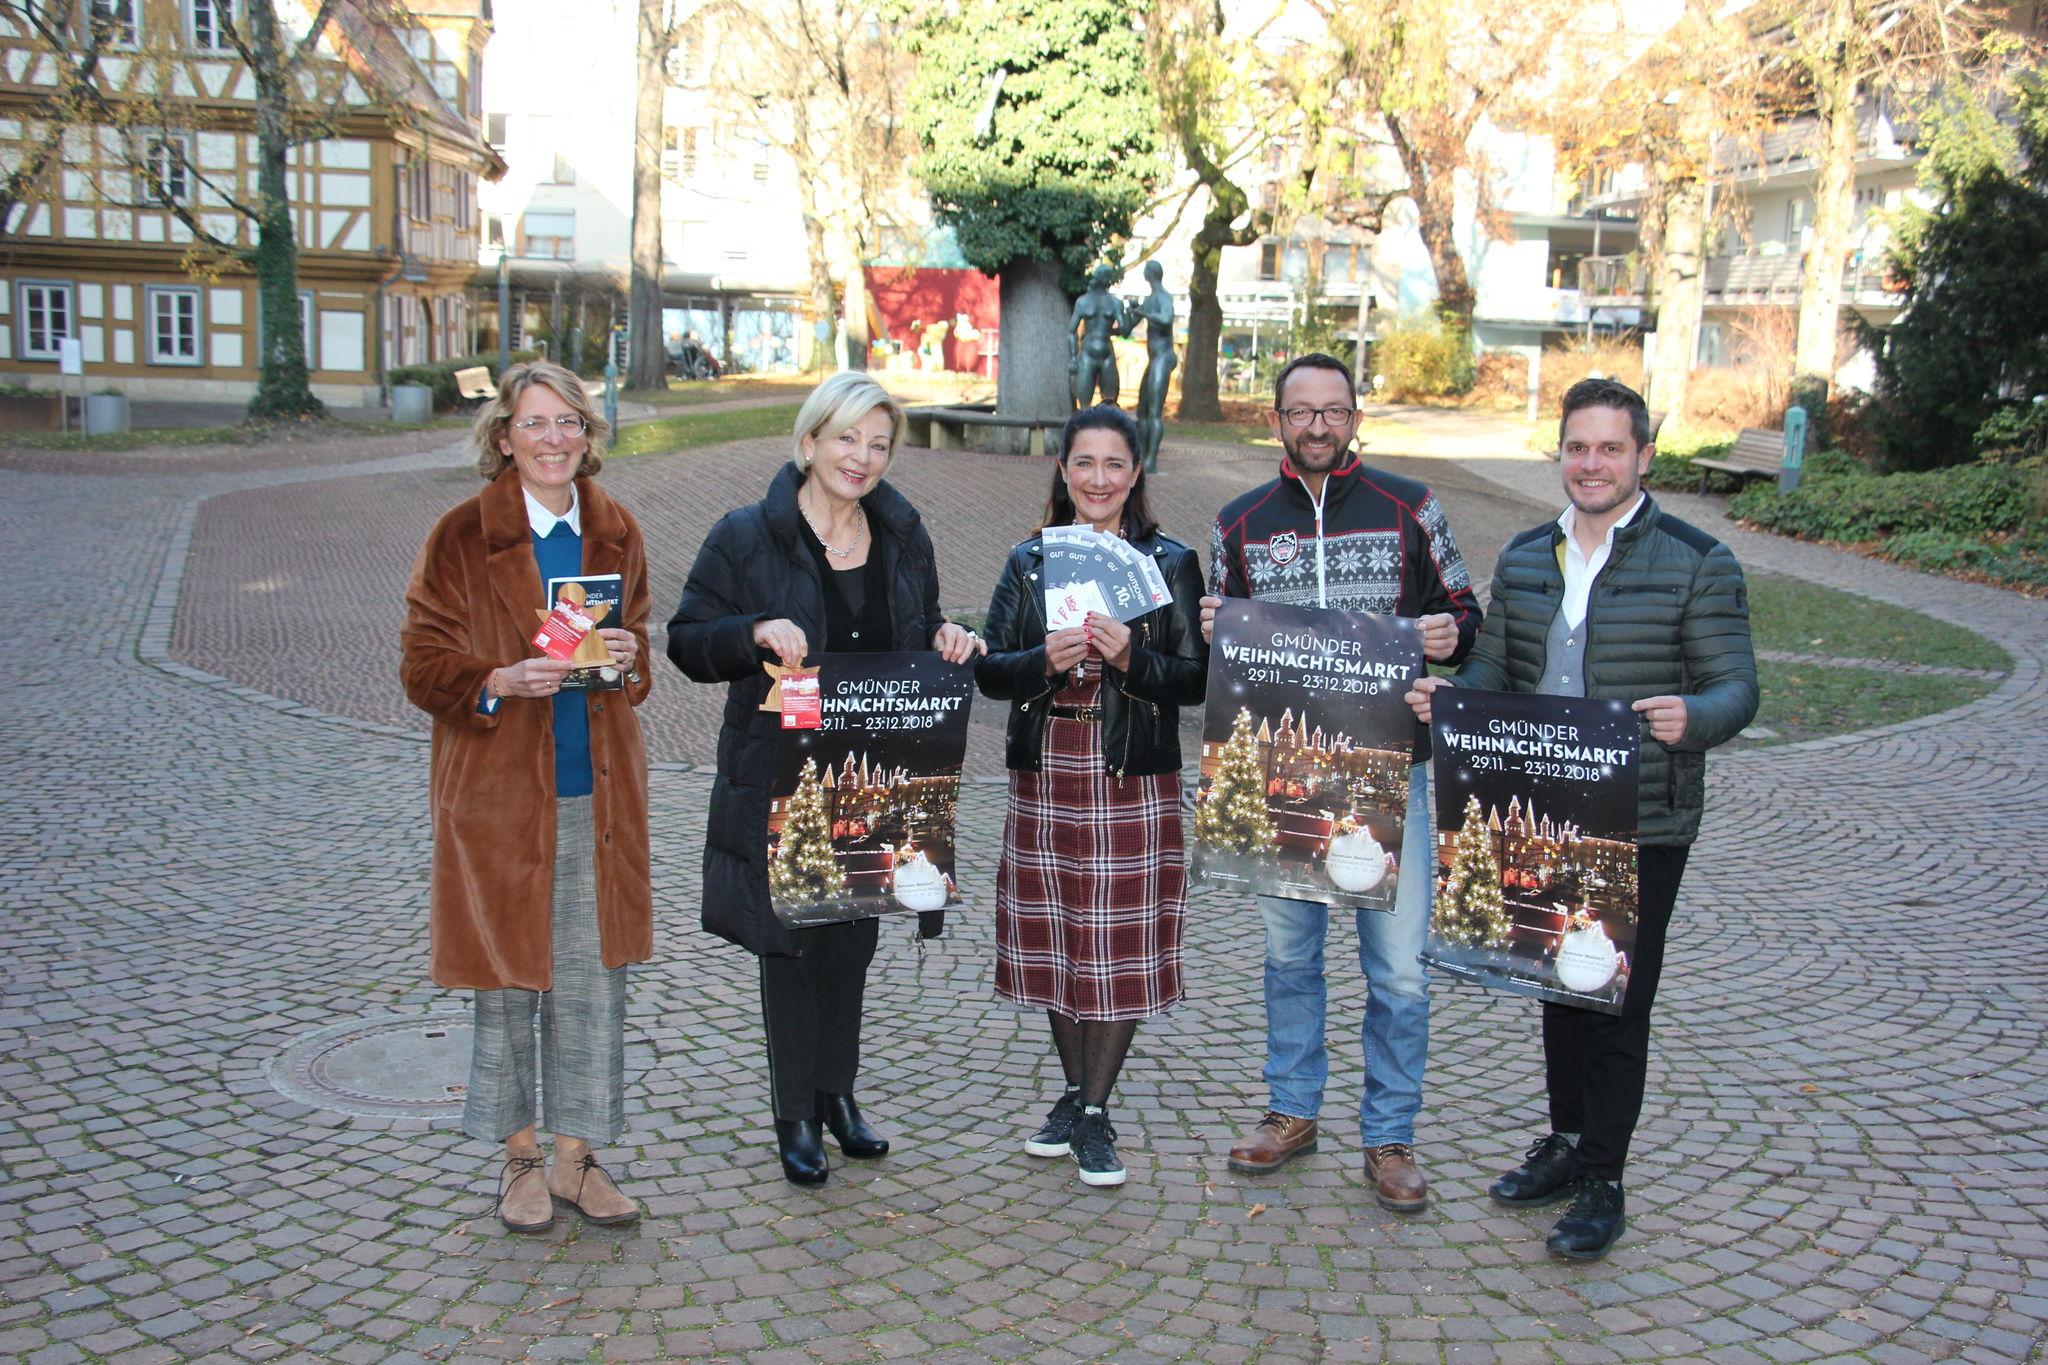 Schwäbisch Gmünd Weihnachtsmarkt.Der Gmünder Weihnachtsmarkt öffnet Die Pforten Schwäbisch Gmünd